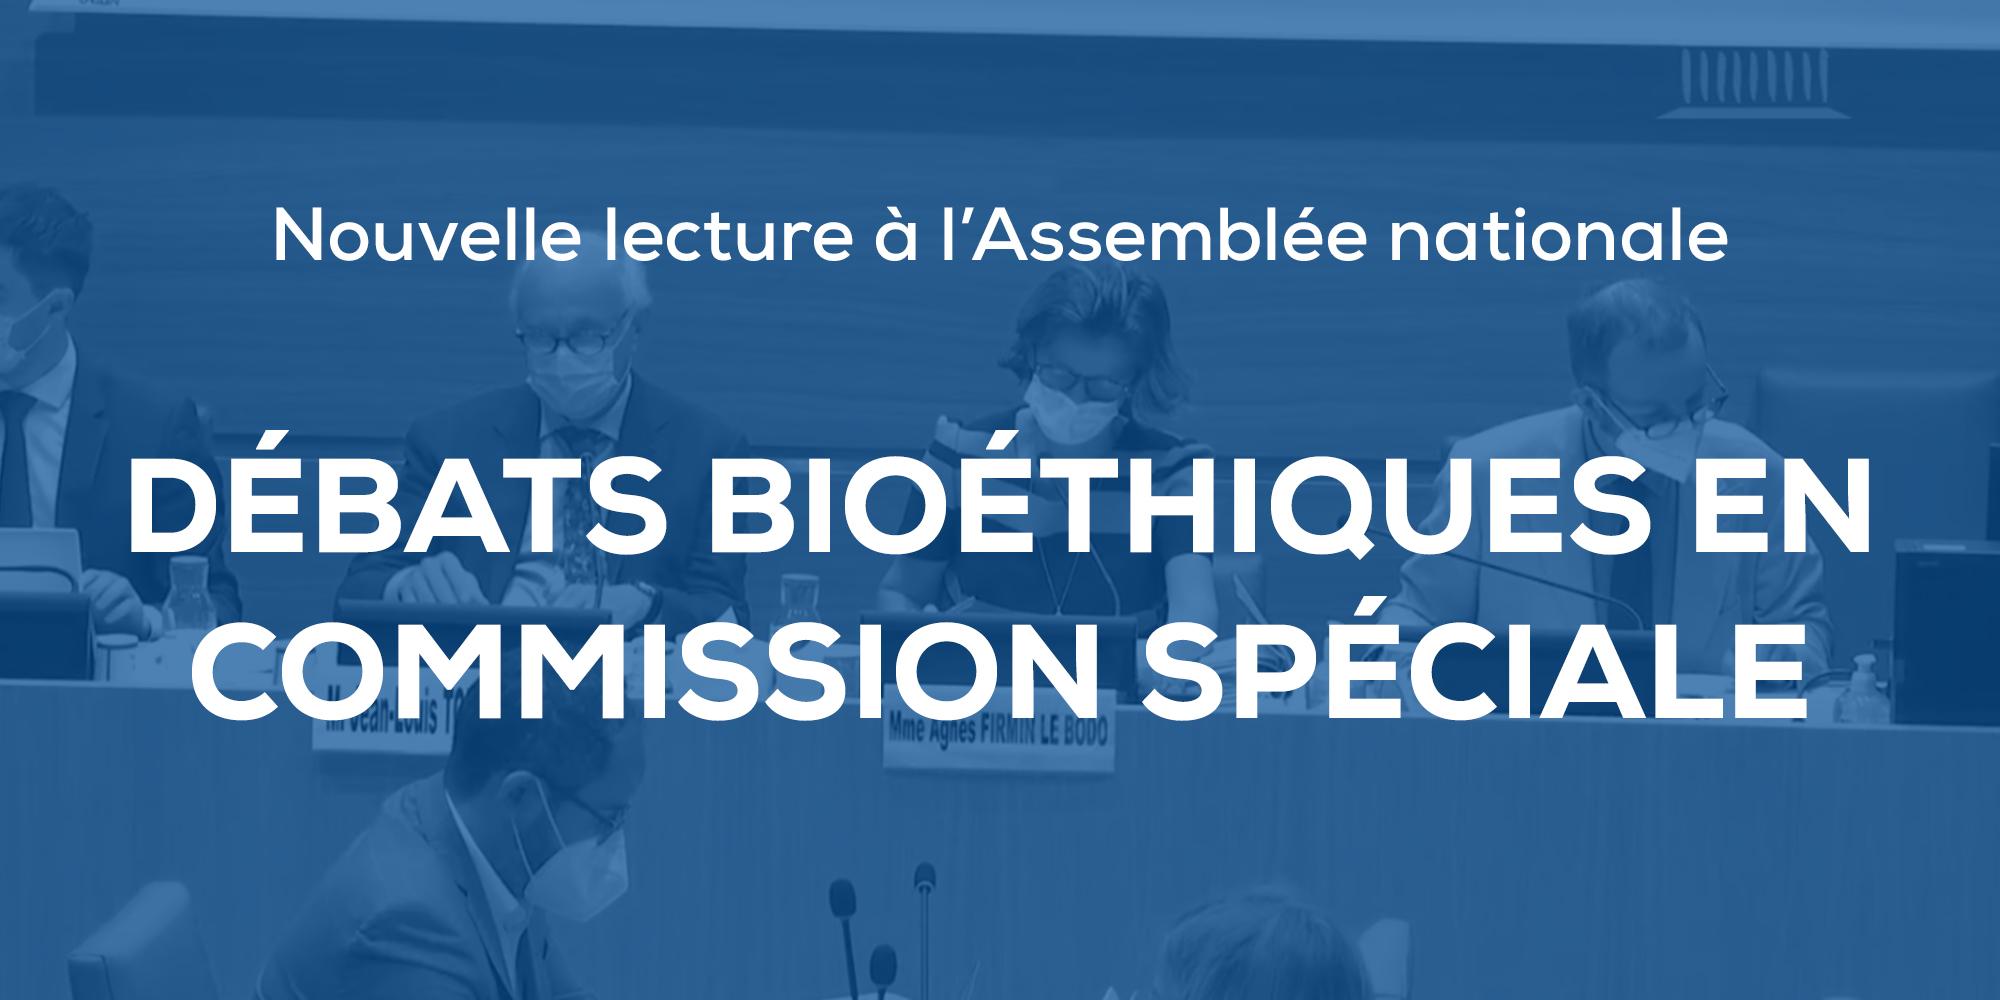 Image - Jeudi 3 juin, débats bioéthiques en Commission à l'Assemblée